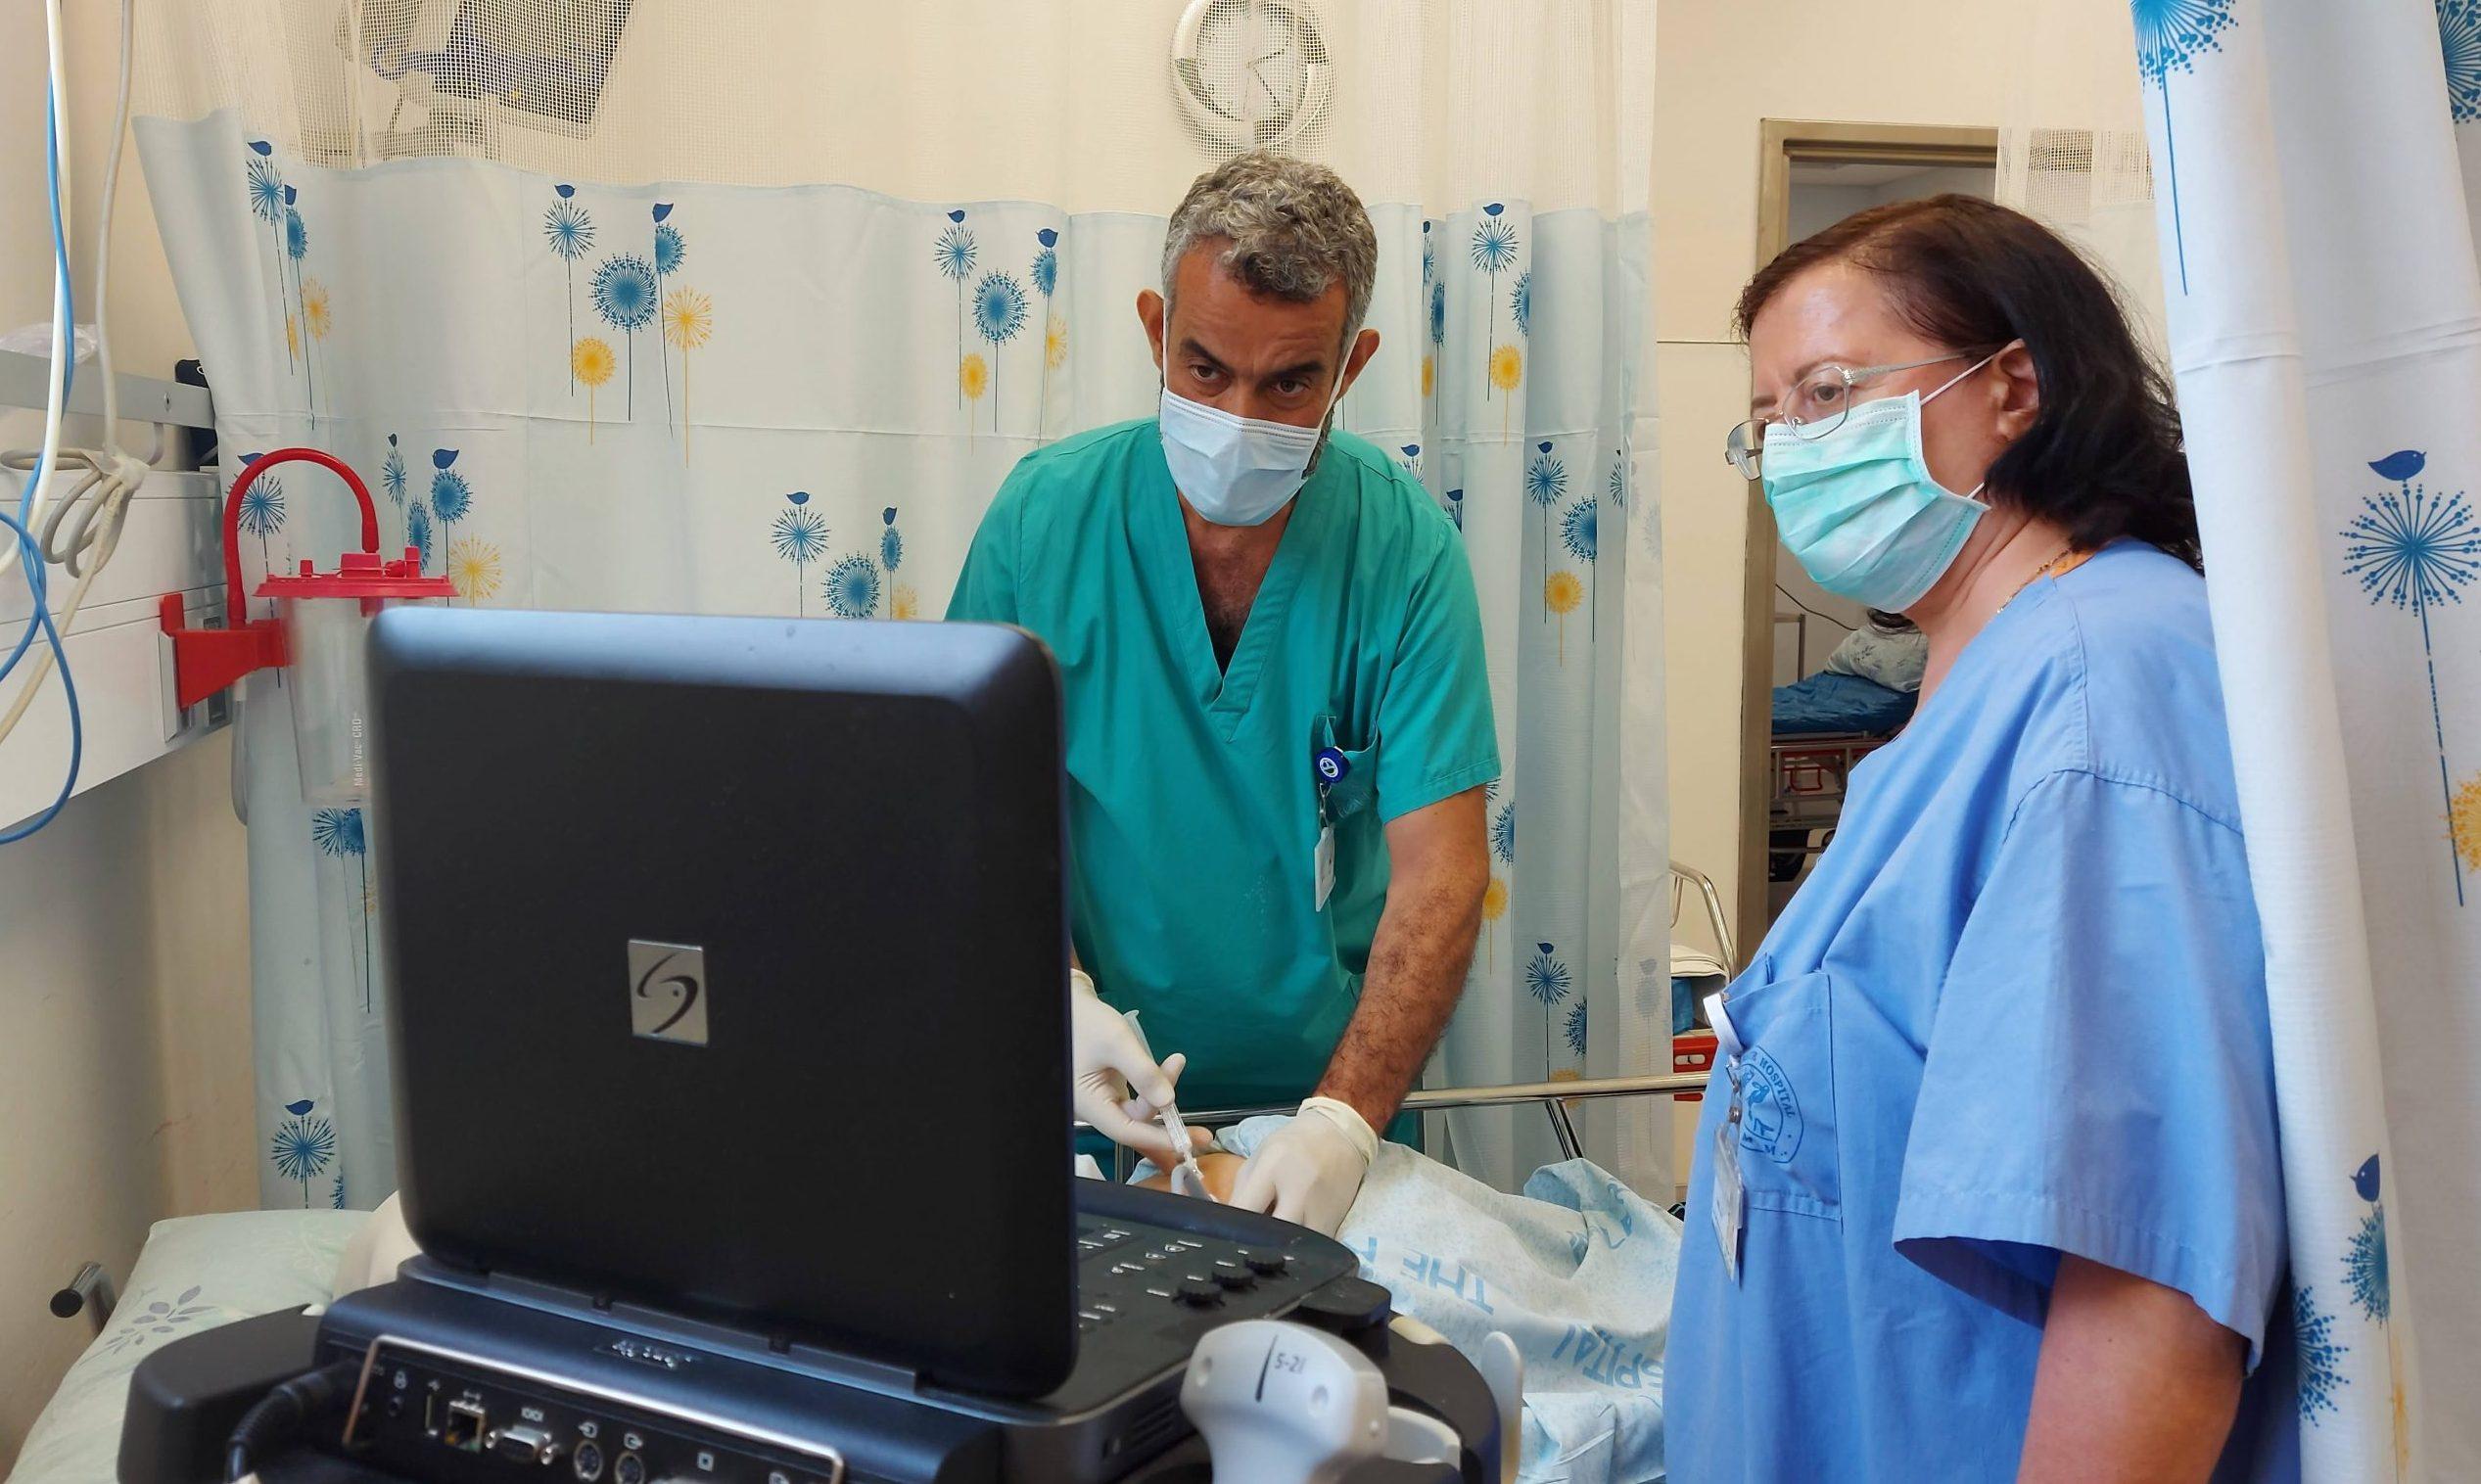 لا آلام مزمنة بعد الآن بعد افتتاح عيادة علاج الألم في مستشفى الناصرة الانجليزي